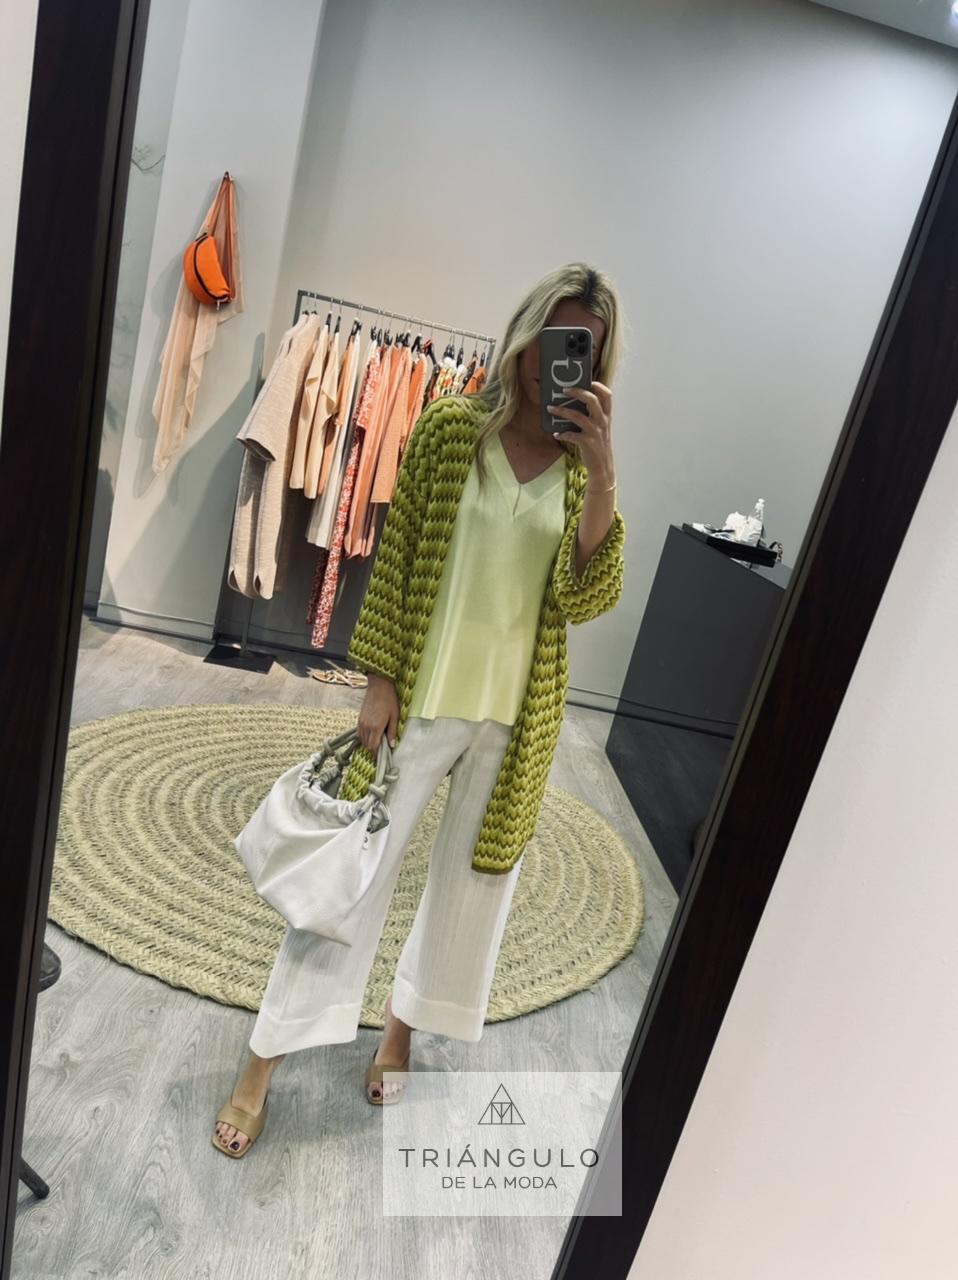 Tienda online del Triangulo de la Moda Chaqueta misoni